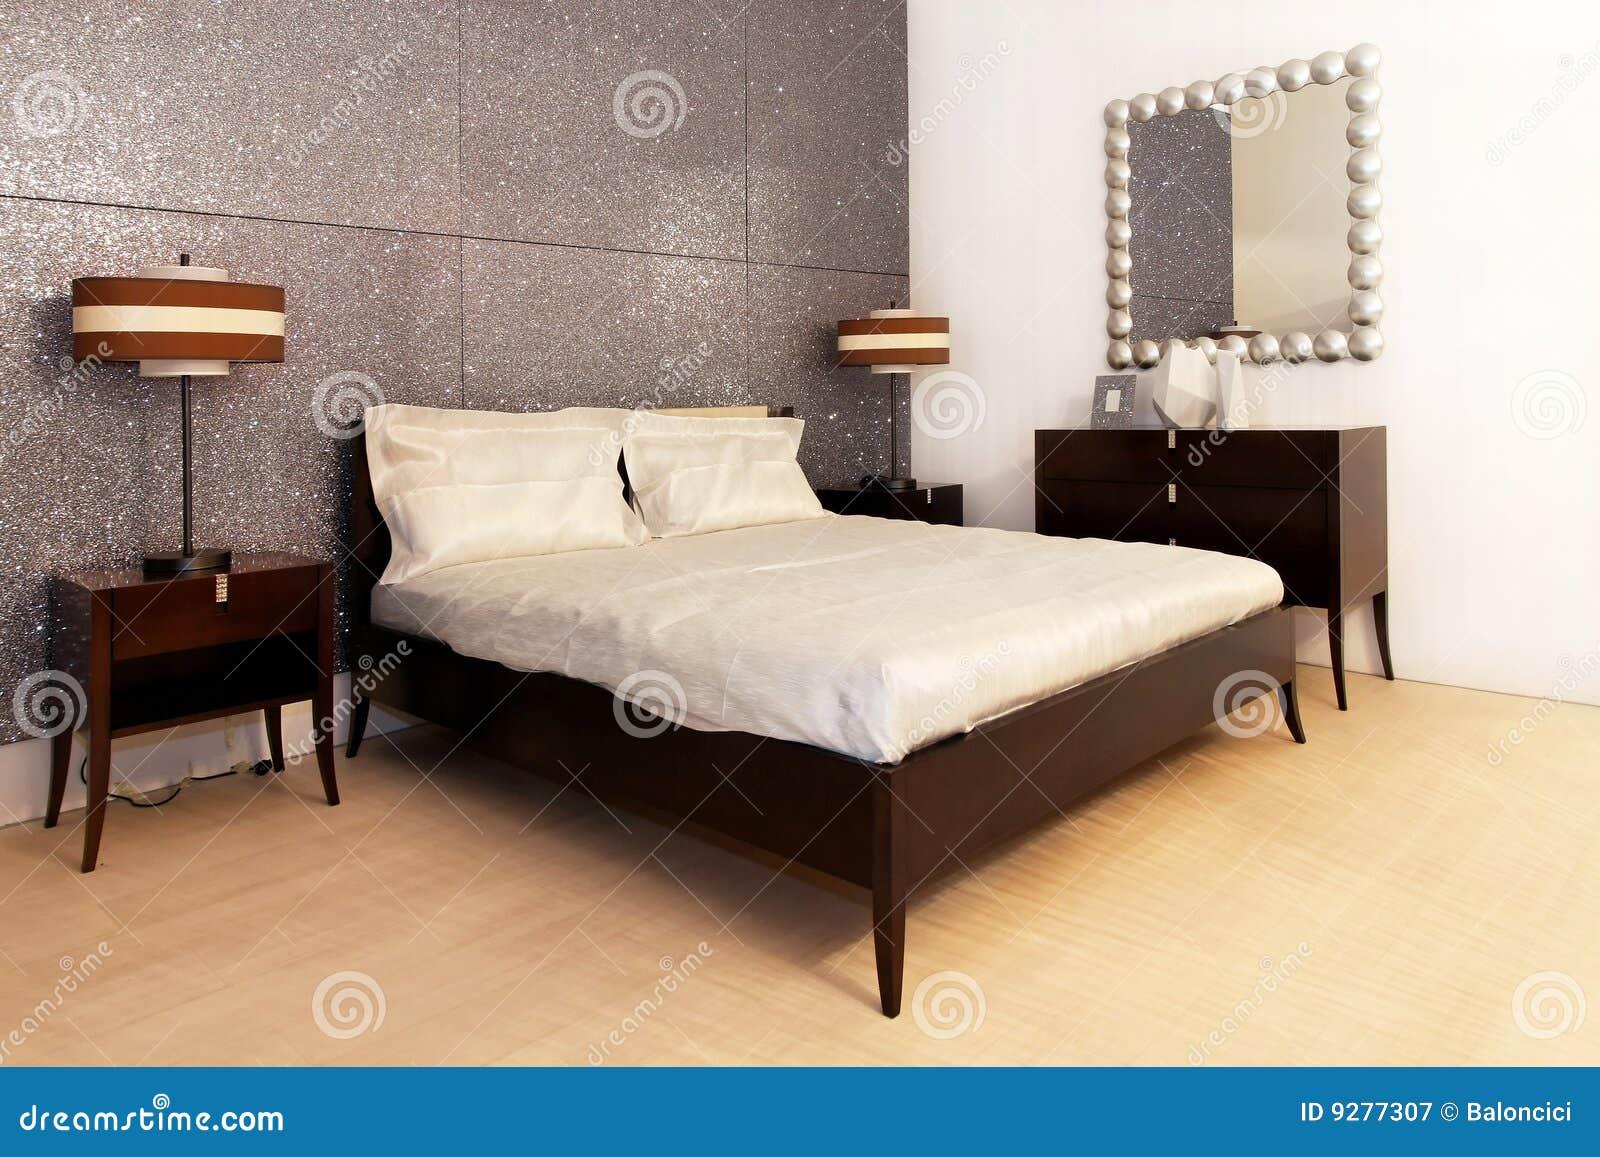 Zilveren Slaapkamer Royalty-vrije Stock Fotografie - Afbeelding ...